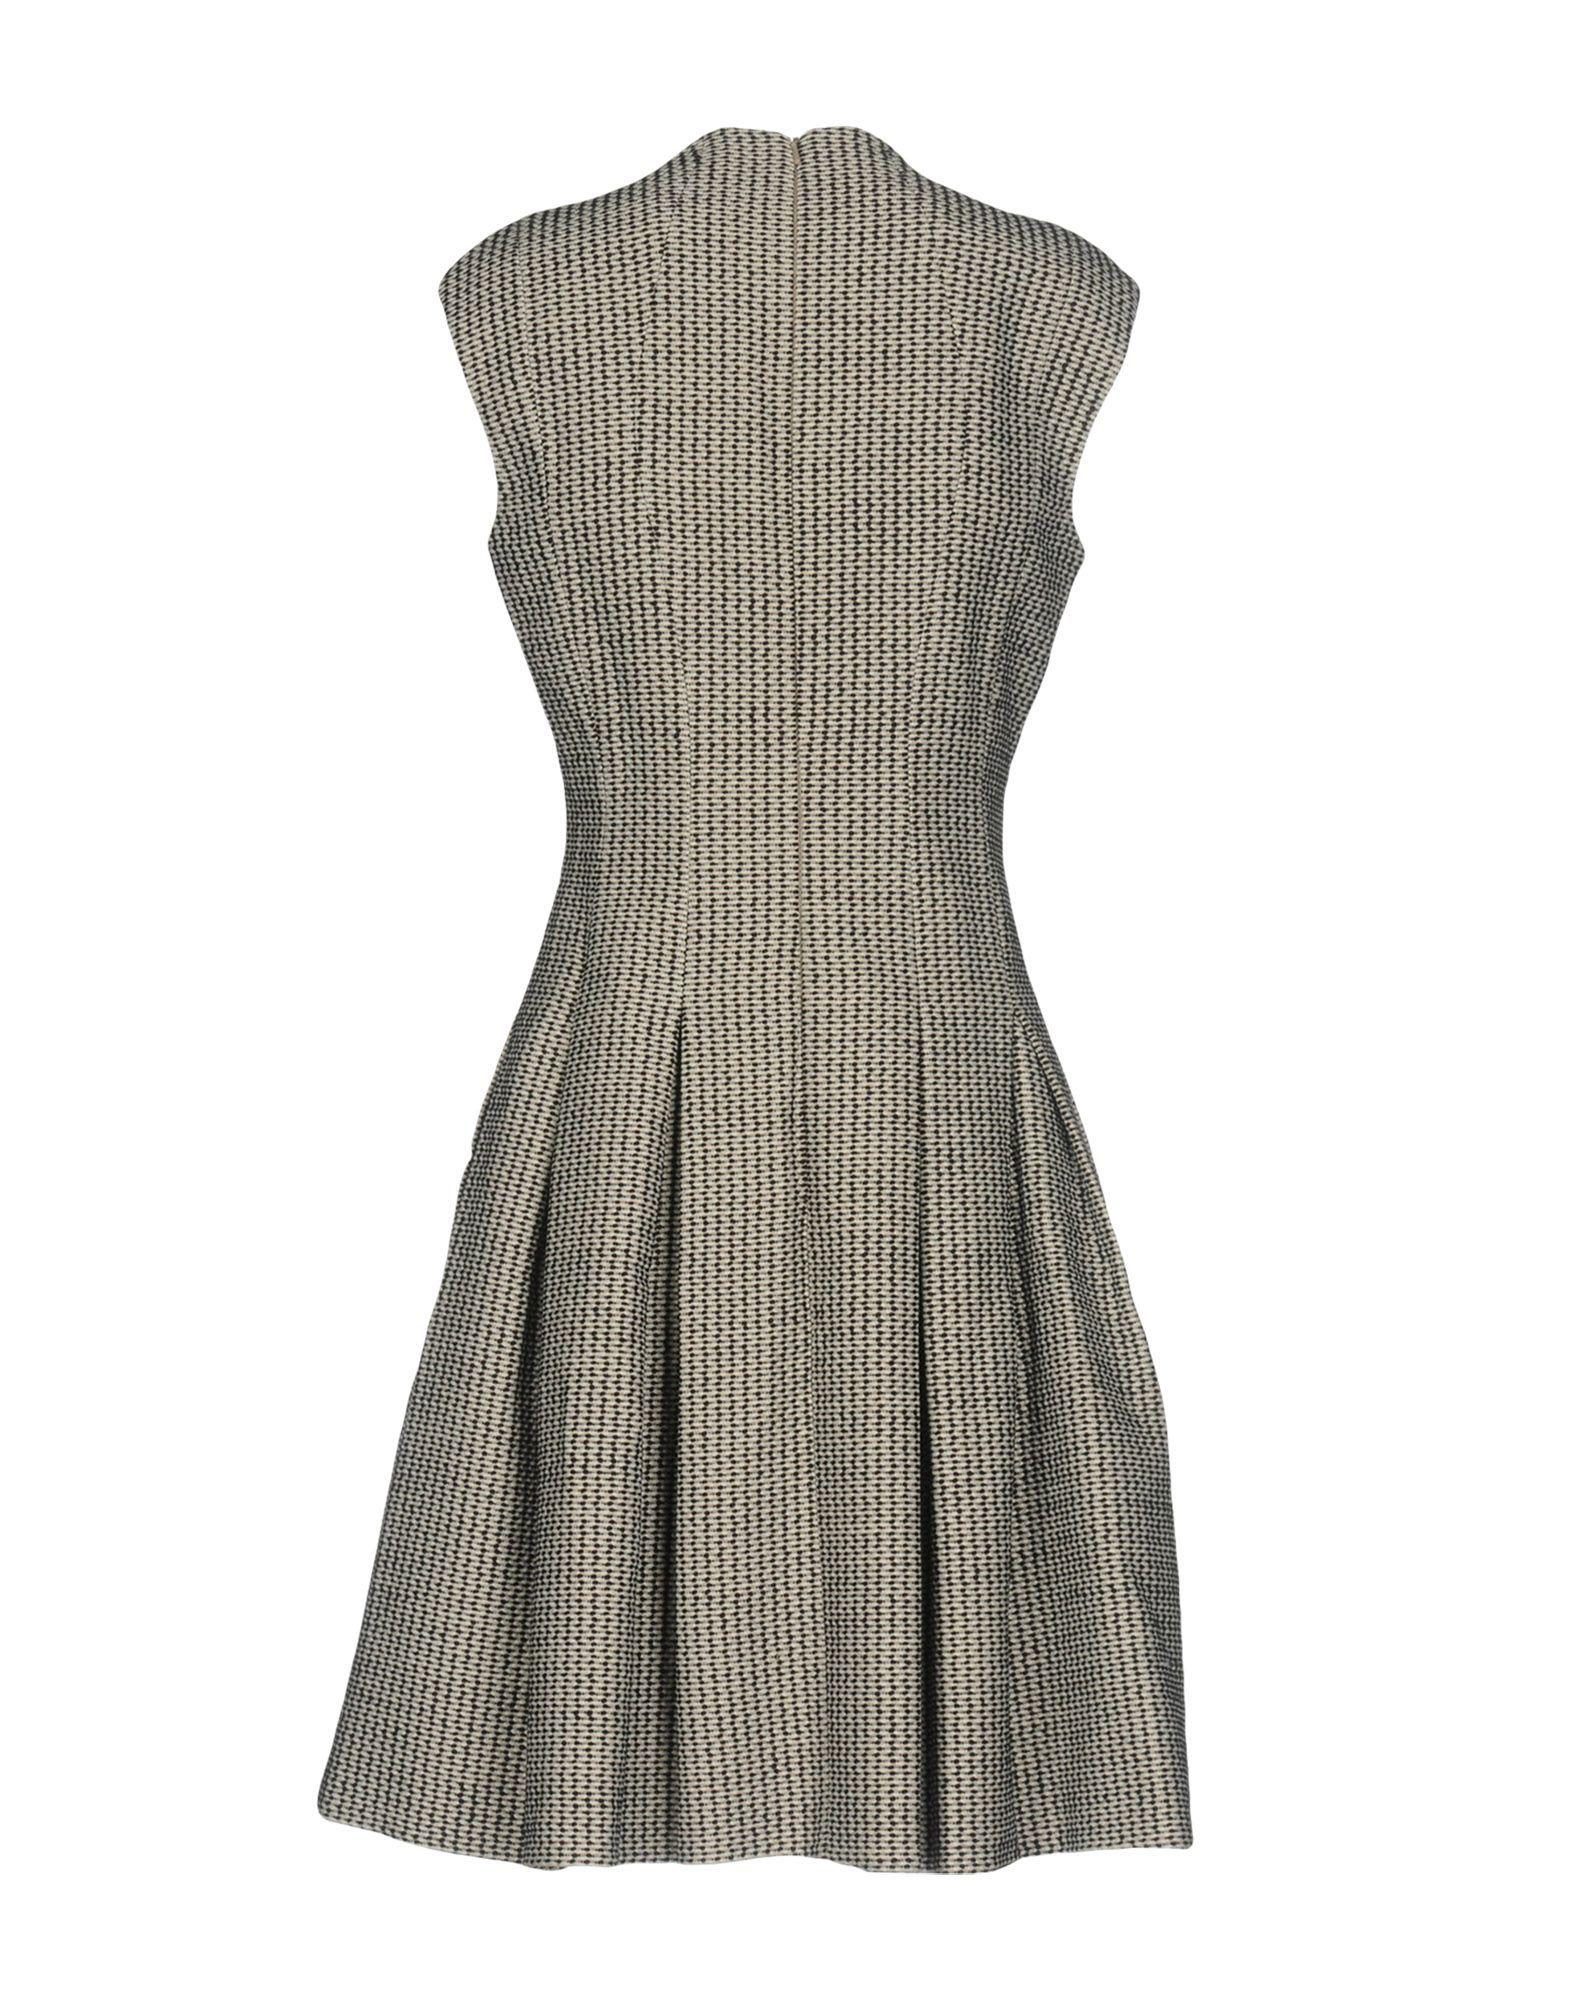 Karen Millen Sand Pattern Sleeveless Dress